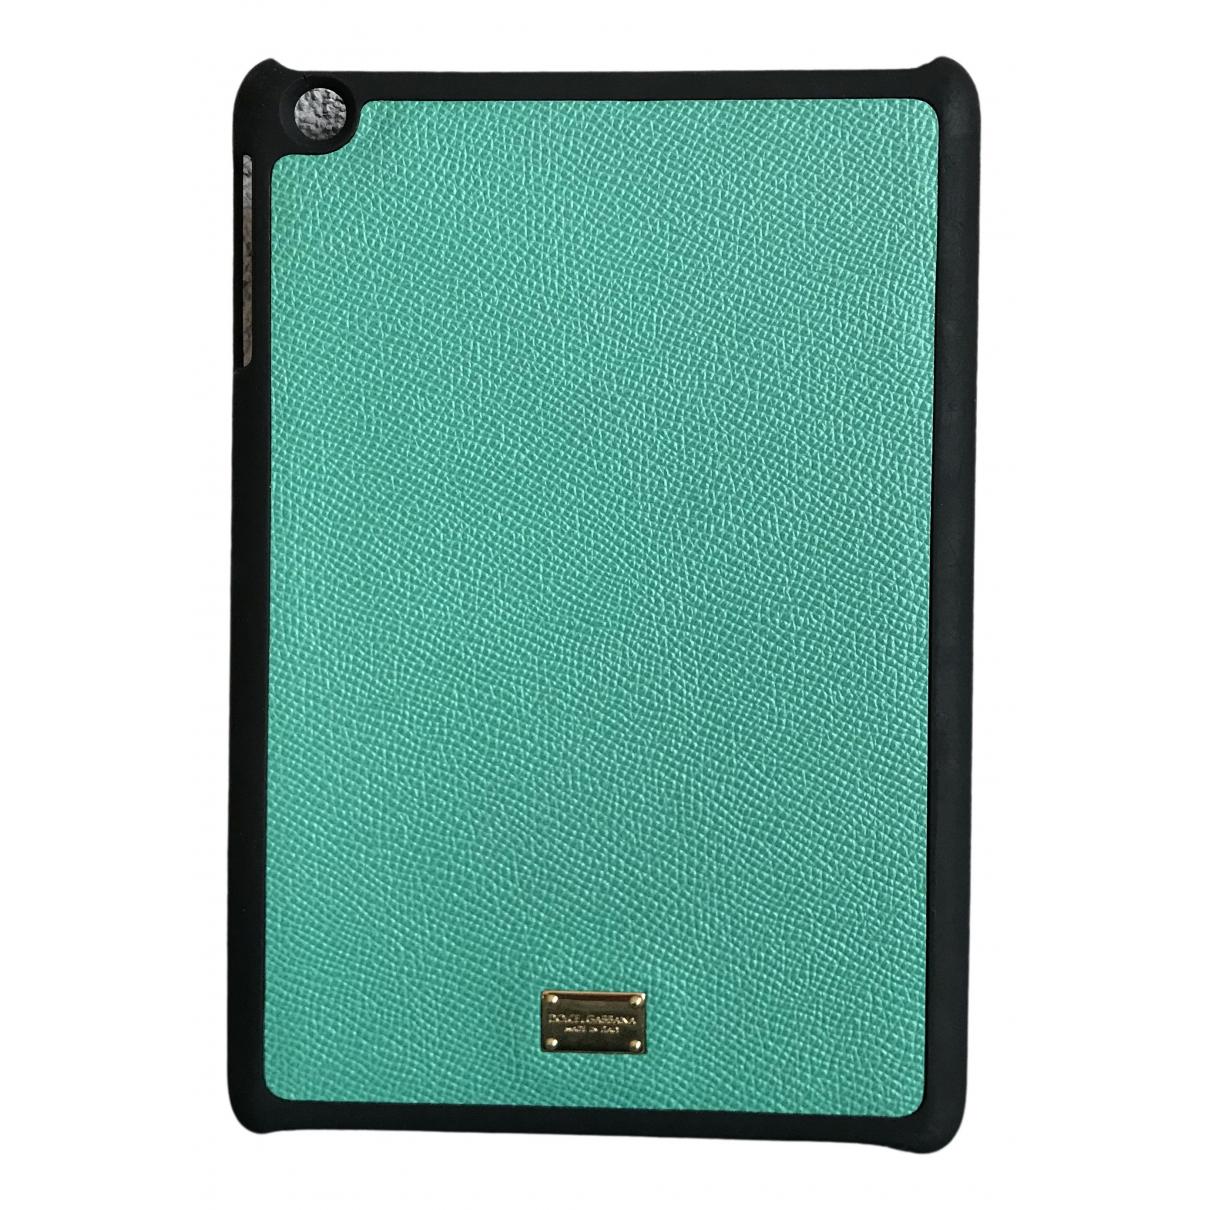 Dolce & Gabbana - Accessoires   pour lifestyle - turquoise